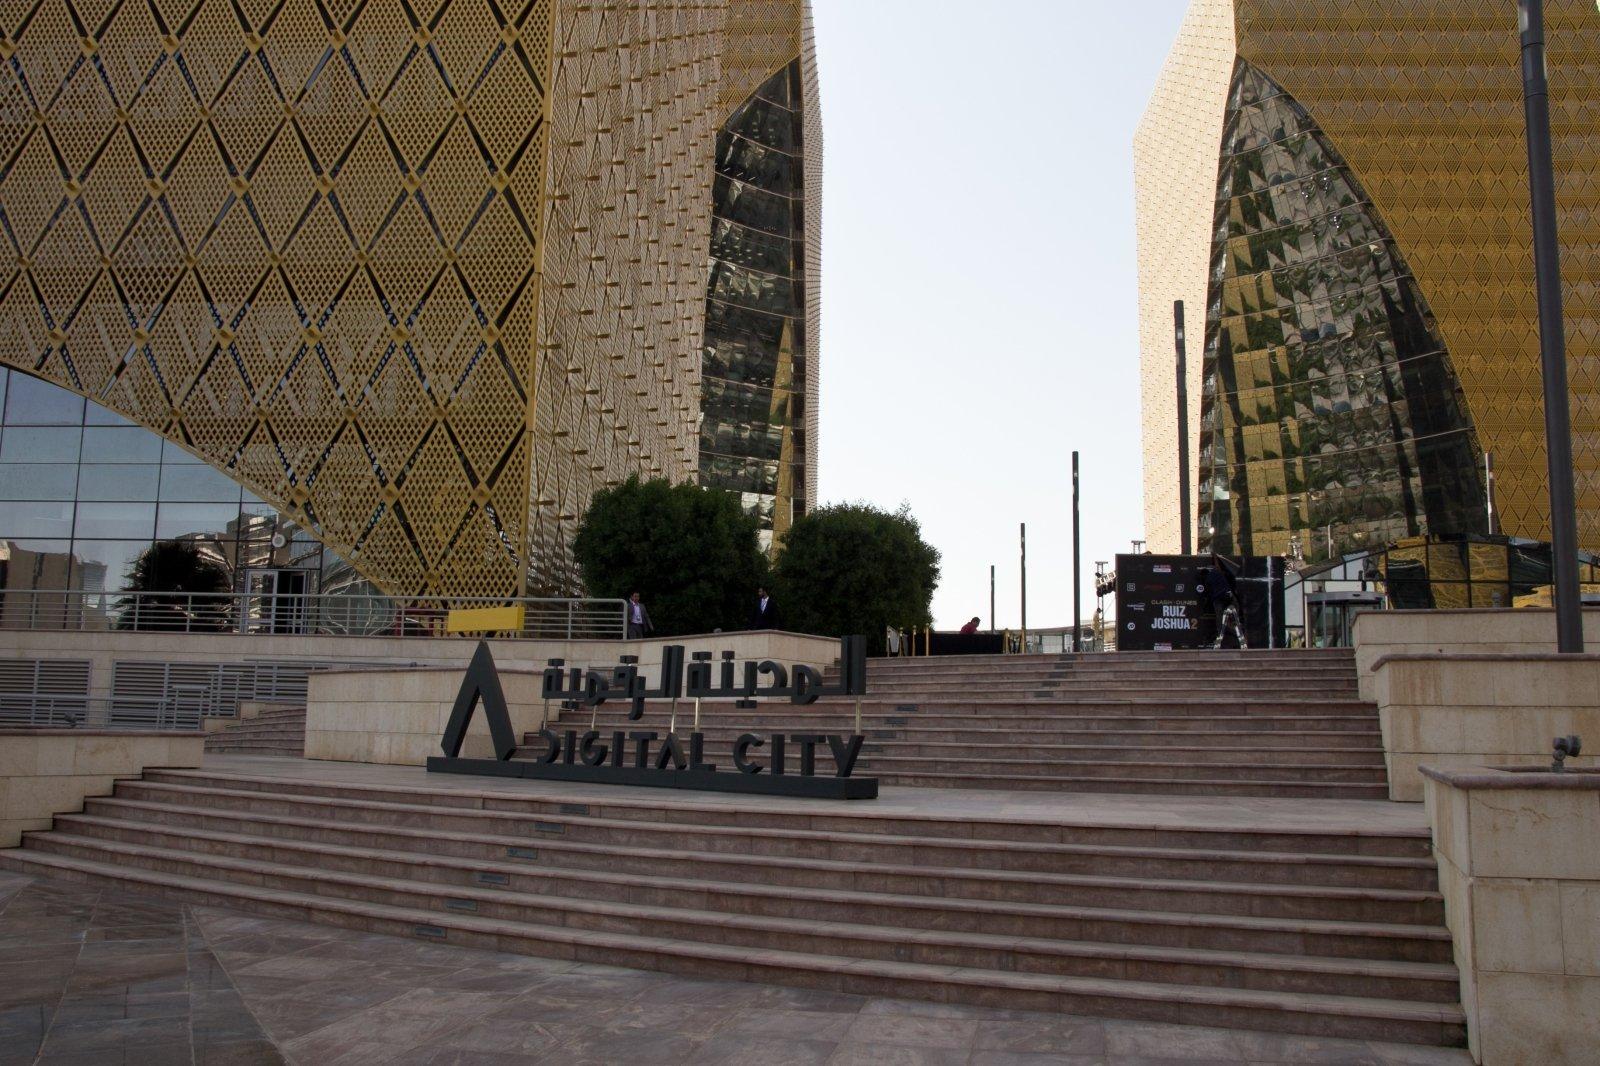 prekybos galimybės saudo arabijoje